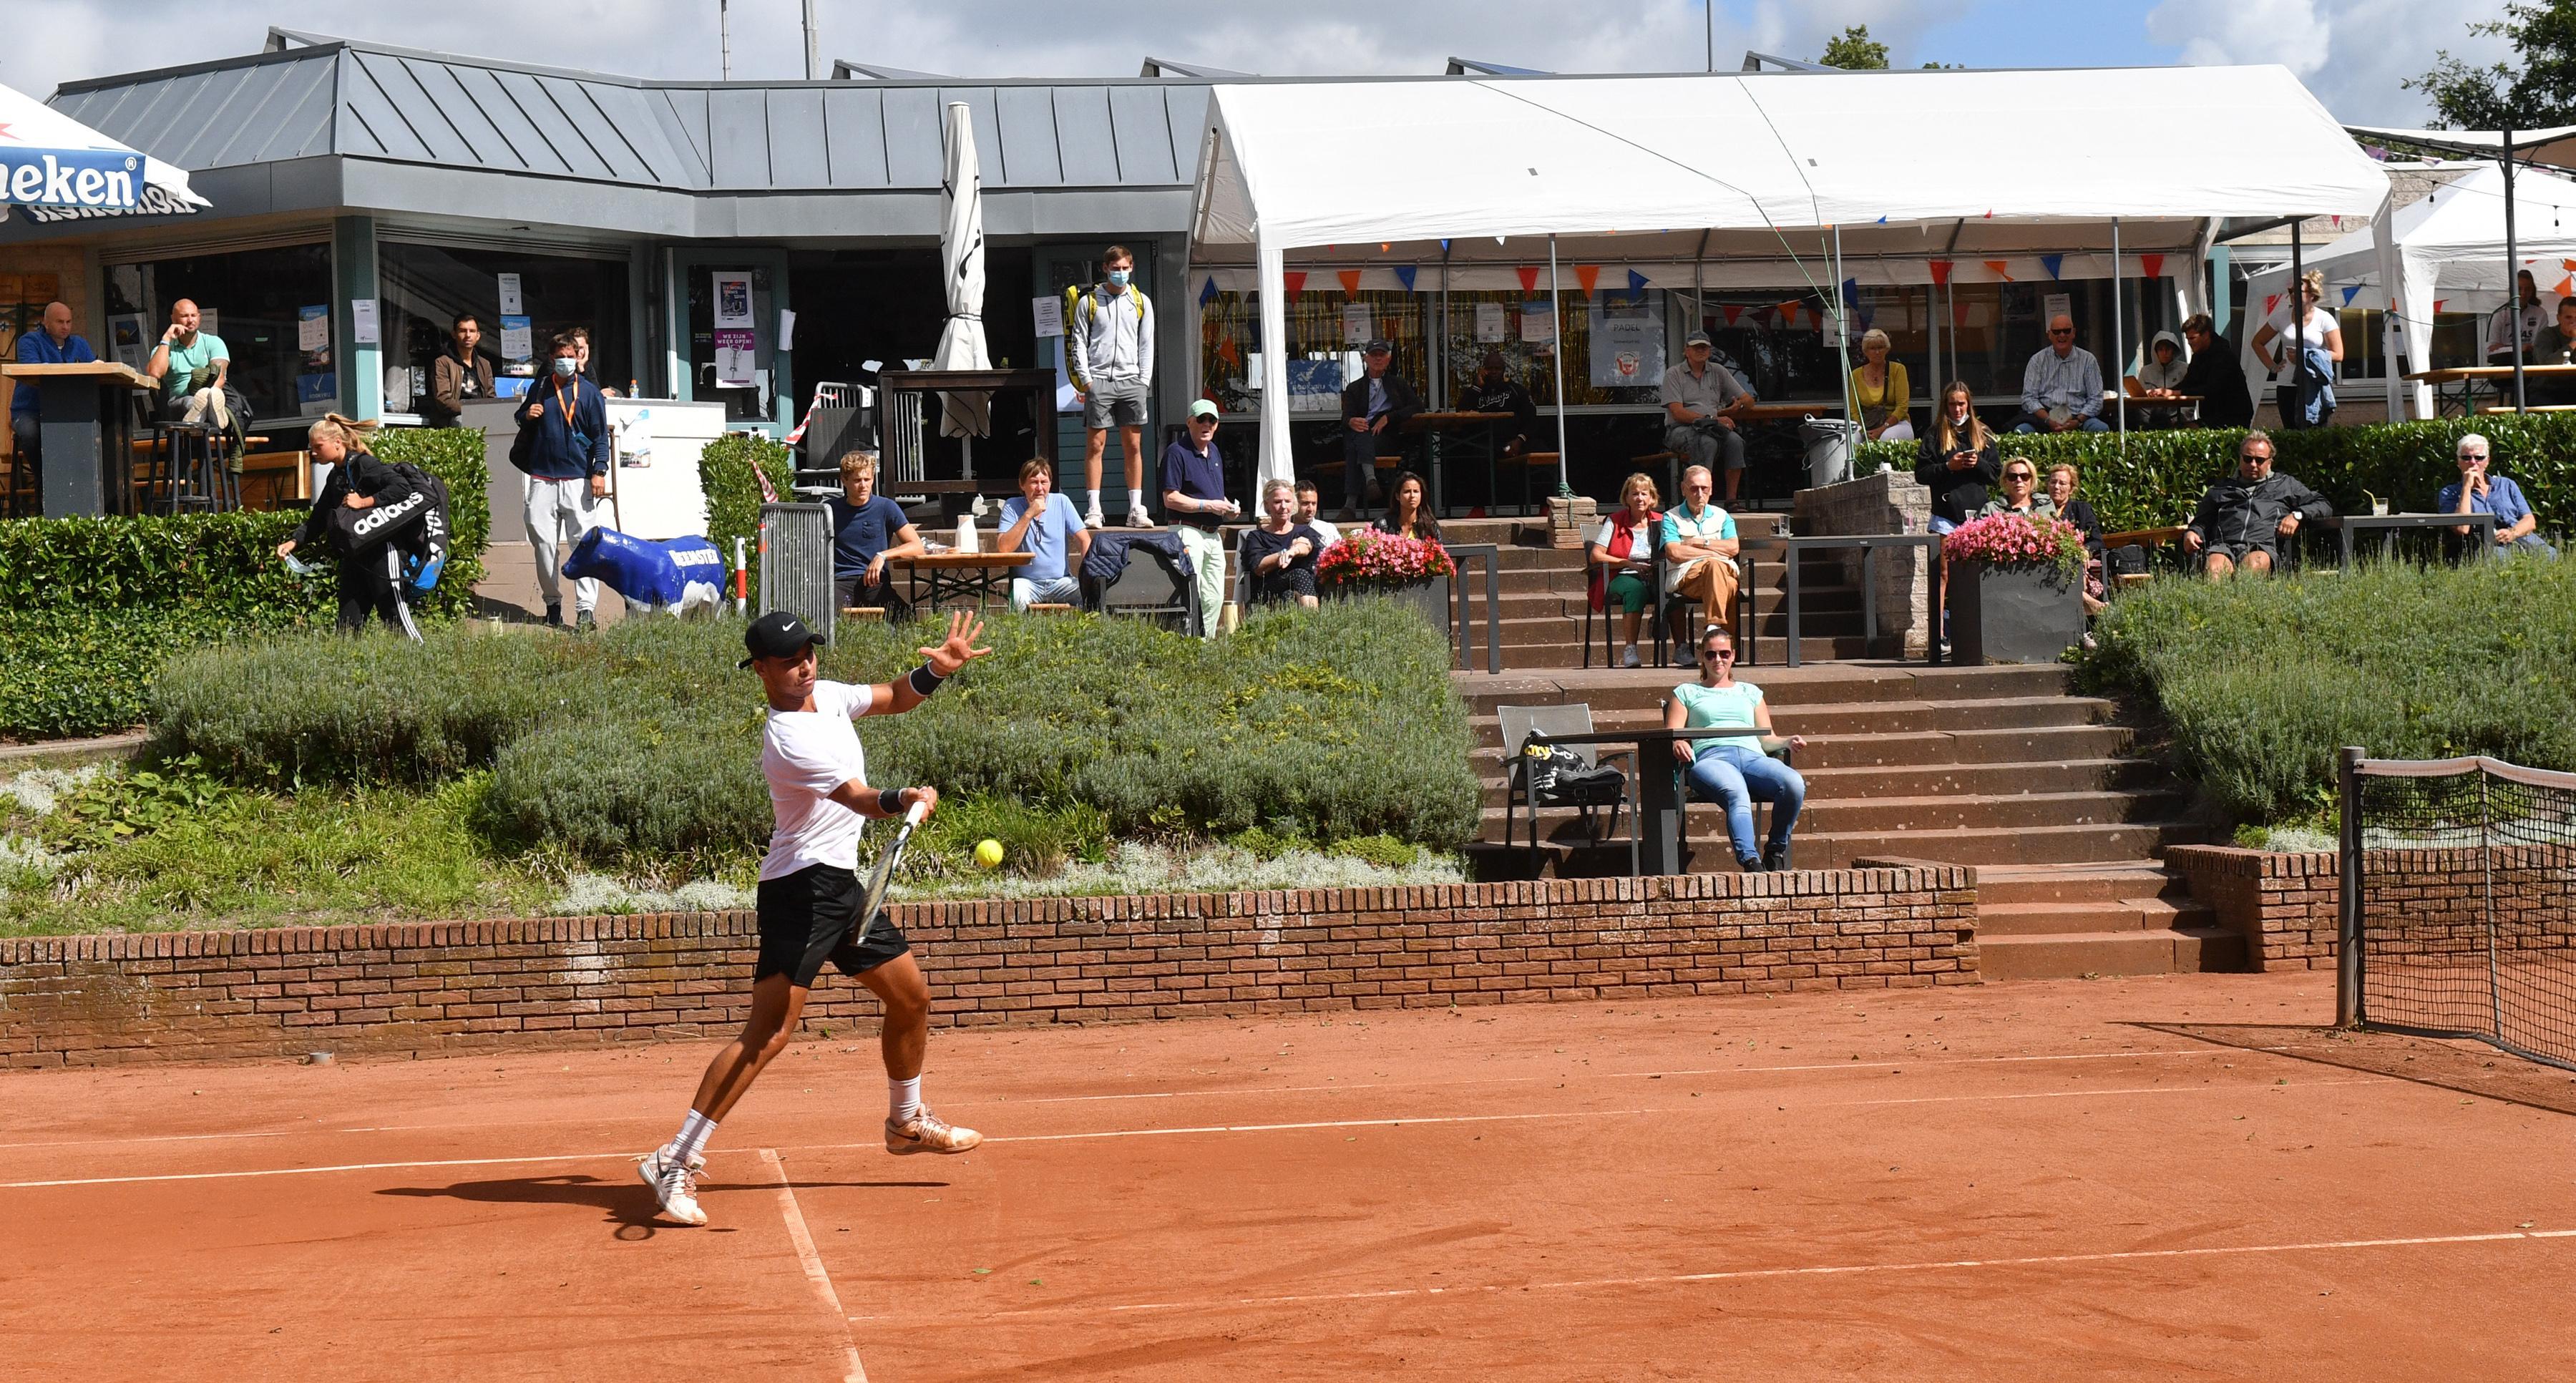 Elk nadeel heeft zijn voordeel: de 'corona-editie' van het internationale ITF Toernooi in Alkmaar heeft het sterkste deelnemersveld ooit